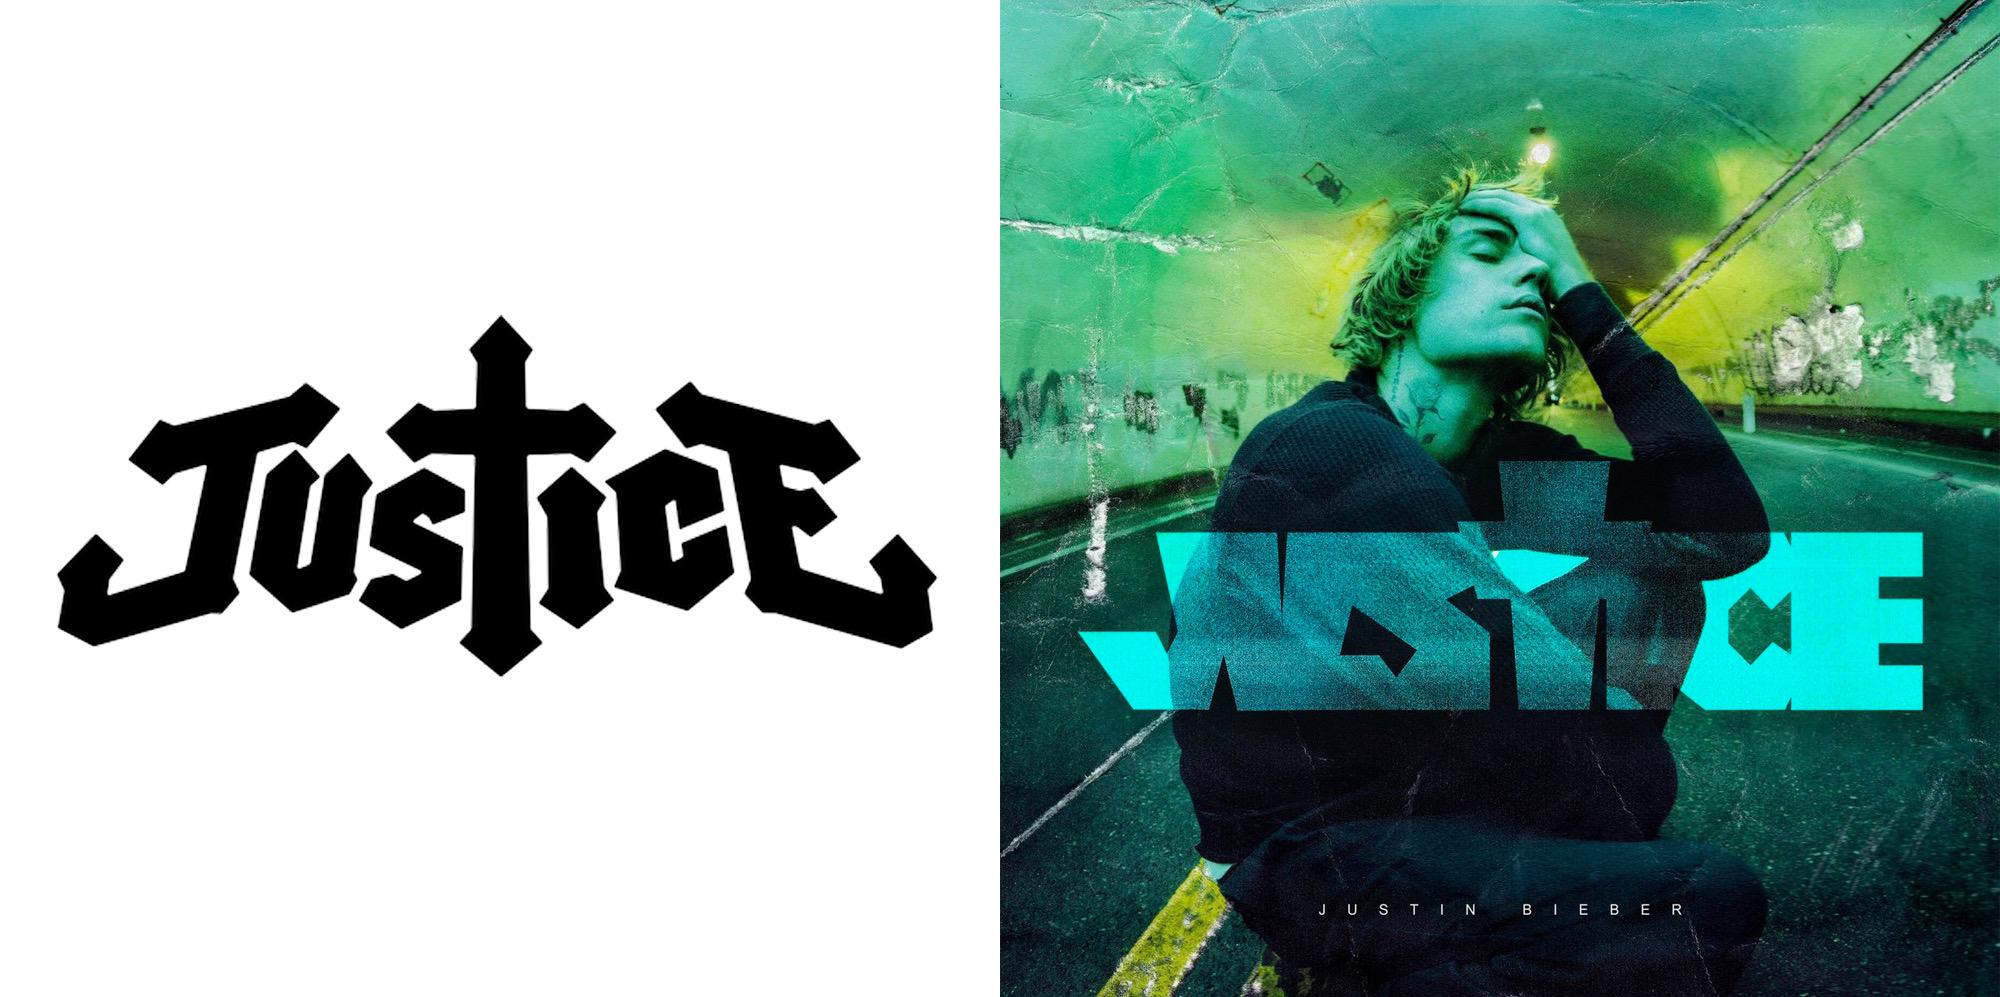 ¿Se copió Justin Bieber el logo de Justice para su nuevo álbum?